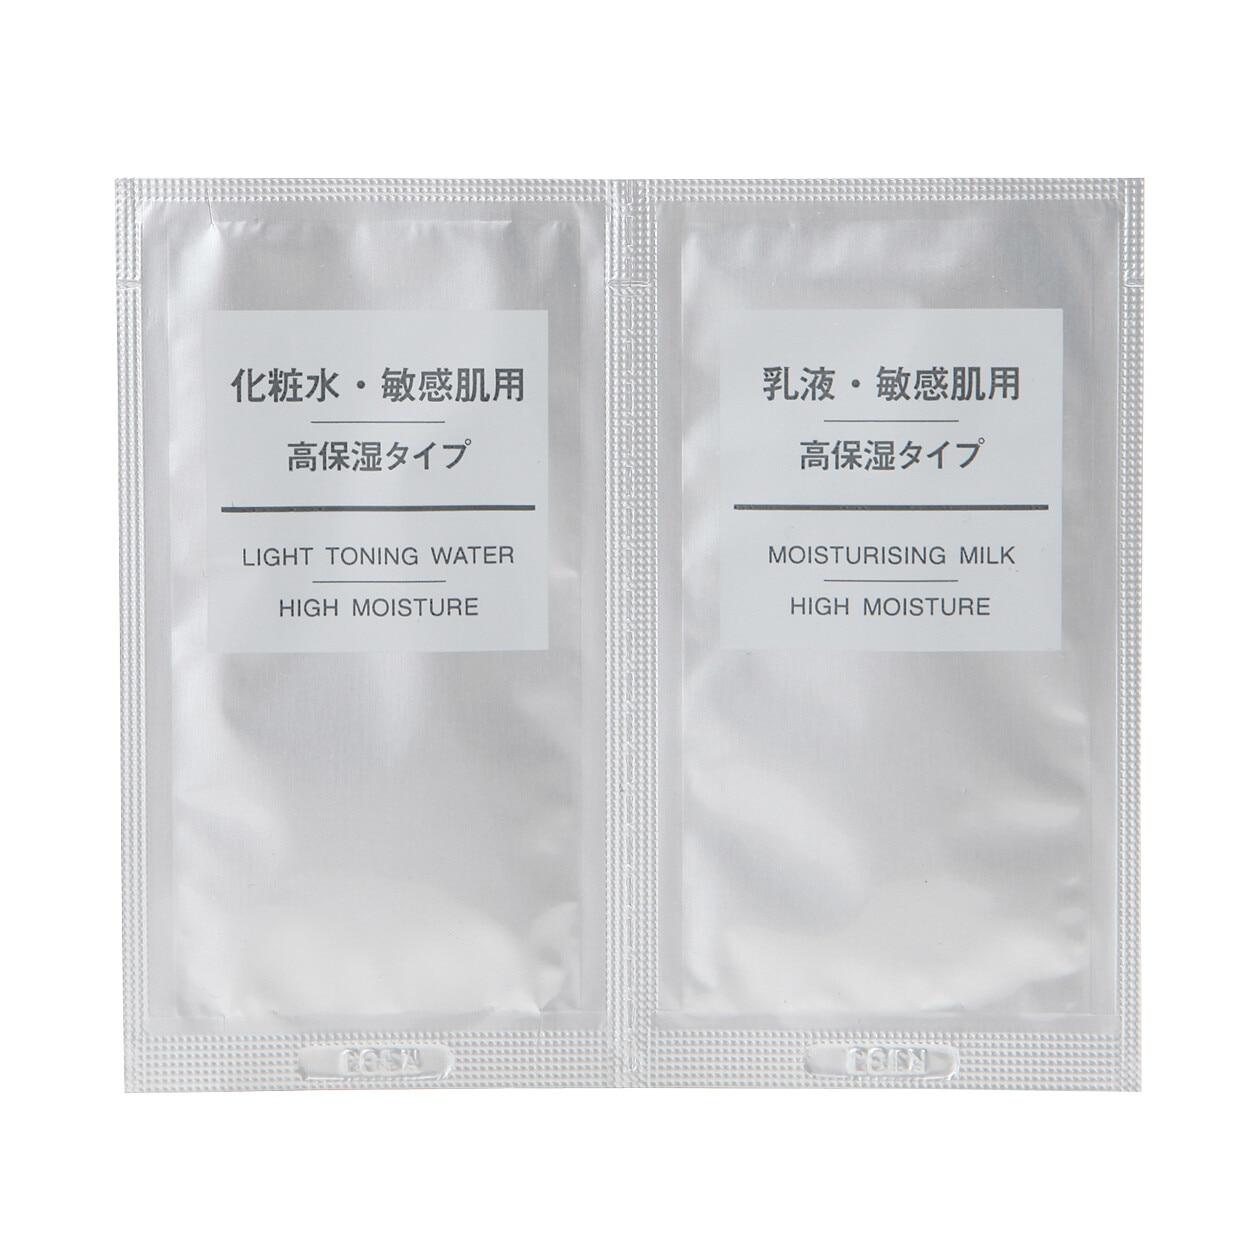 敏感肌用・高保湿タイプ 化粧水・乳液セット